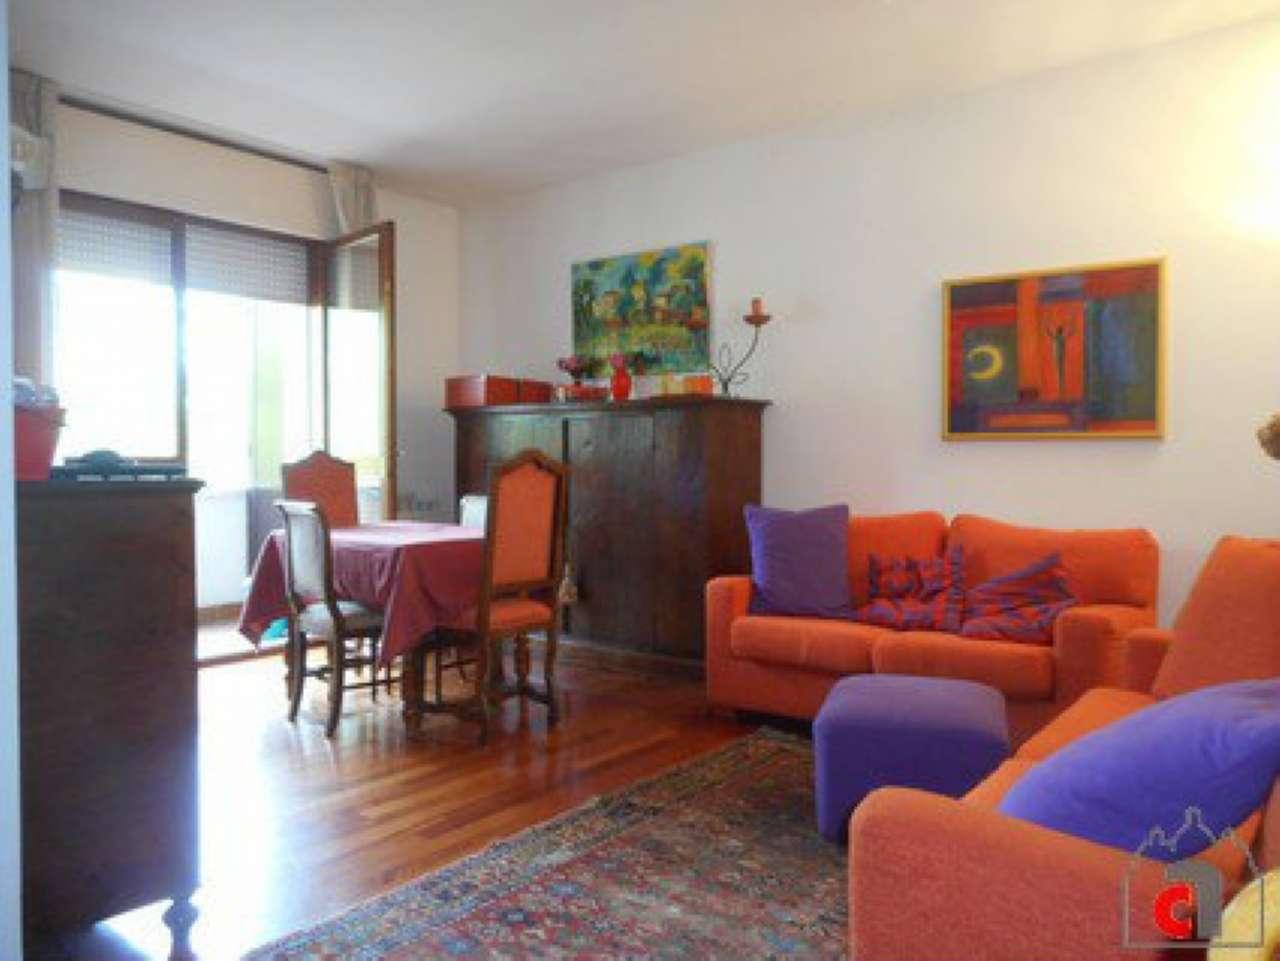 Appartamento in vendita a Padova, 5 locali, zona Zona: 4 . Sud-Est (S.Croce-S. Osvaldo, Bassanello-Voltabarozzo), prezzo € 240.000 | Cambio Casa.it